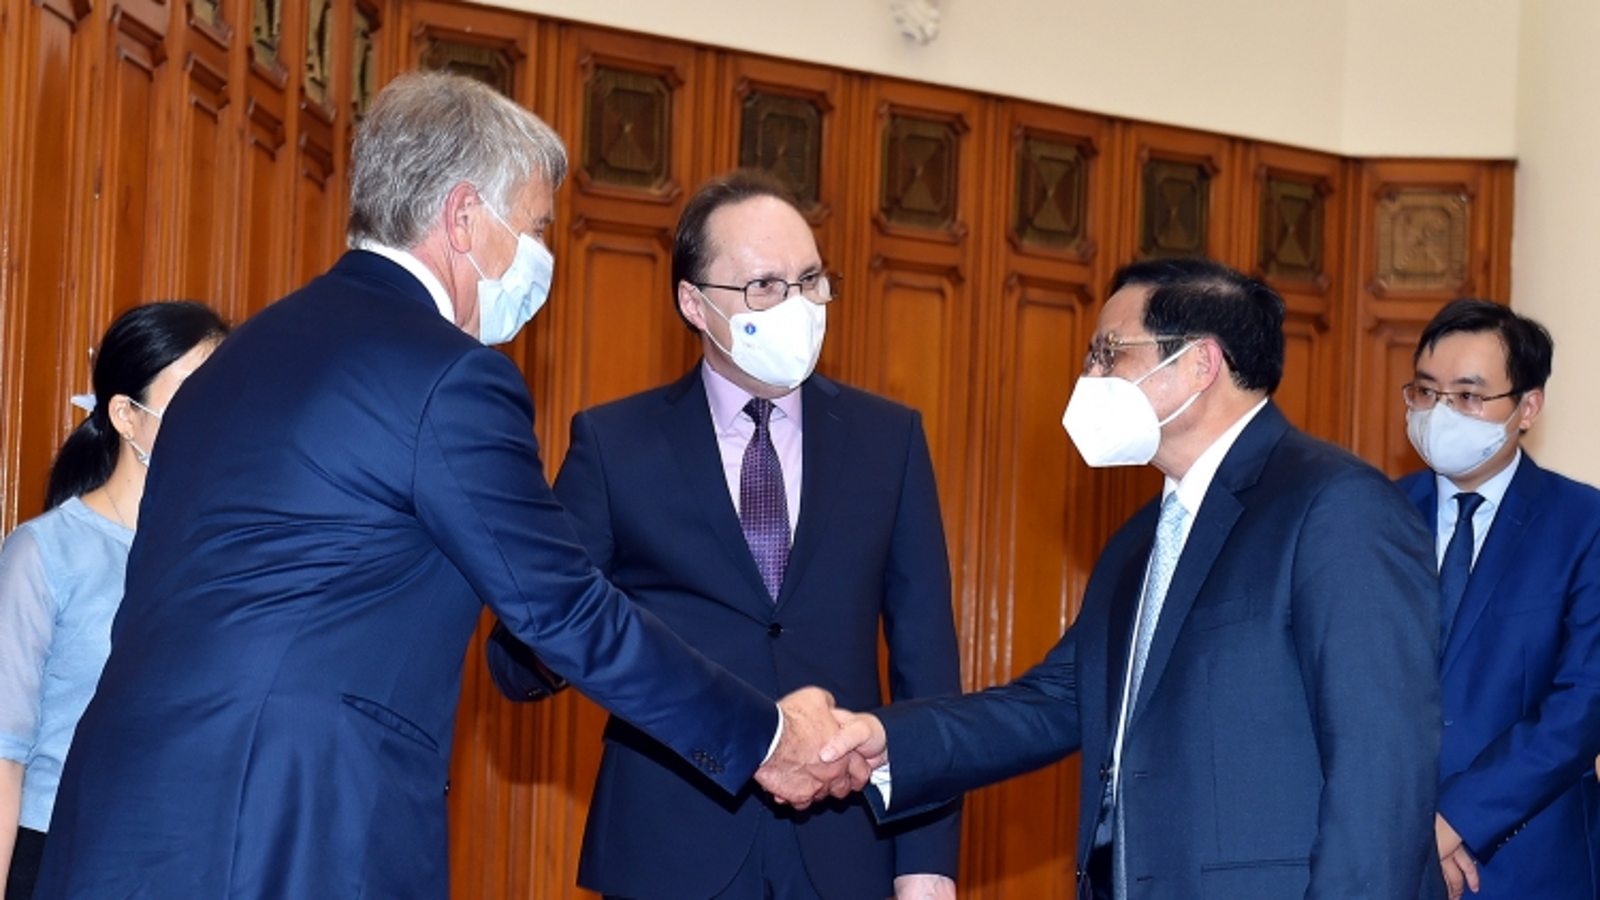 Thủ tướng: Việt Nam mong muốn Nga chuyển giao công nghệ sản xuất thuốc điều trị Covid-19